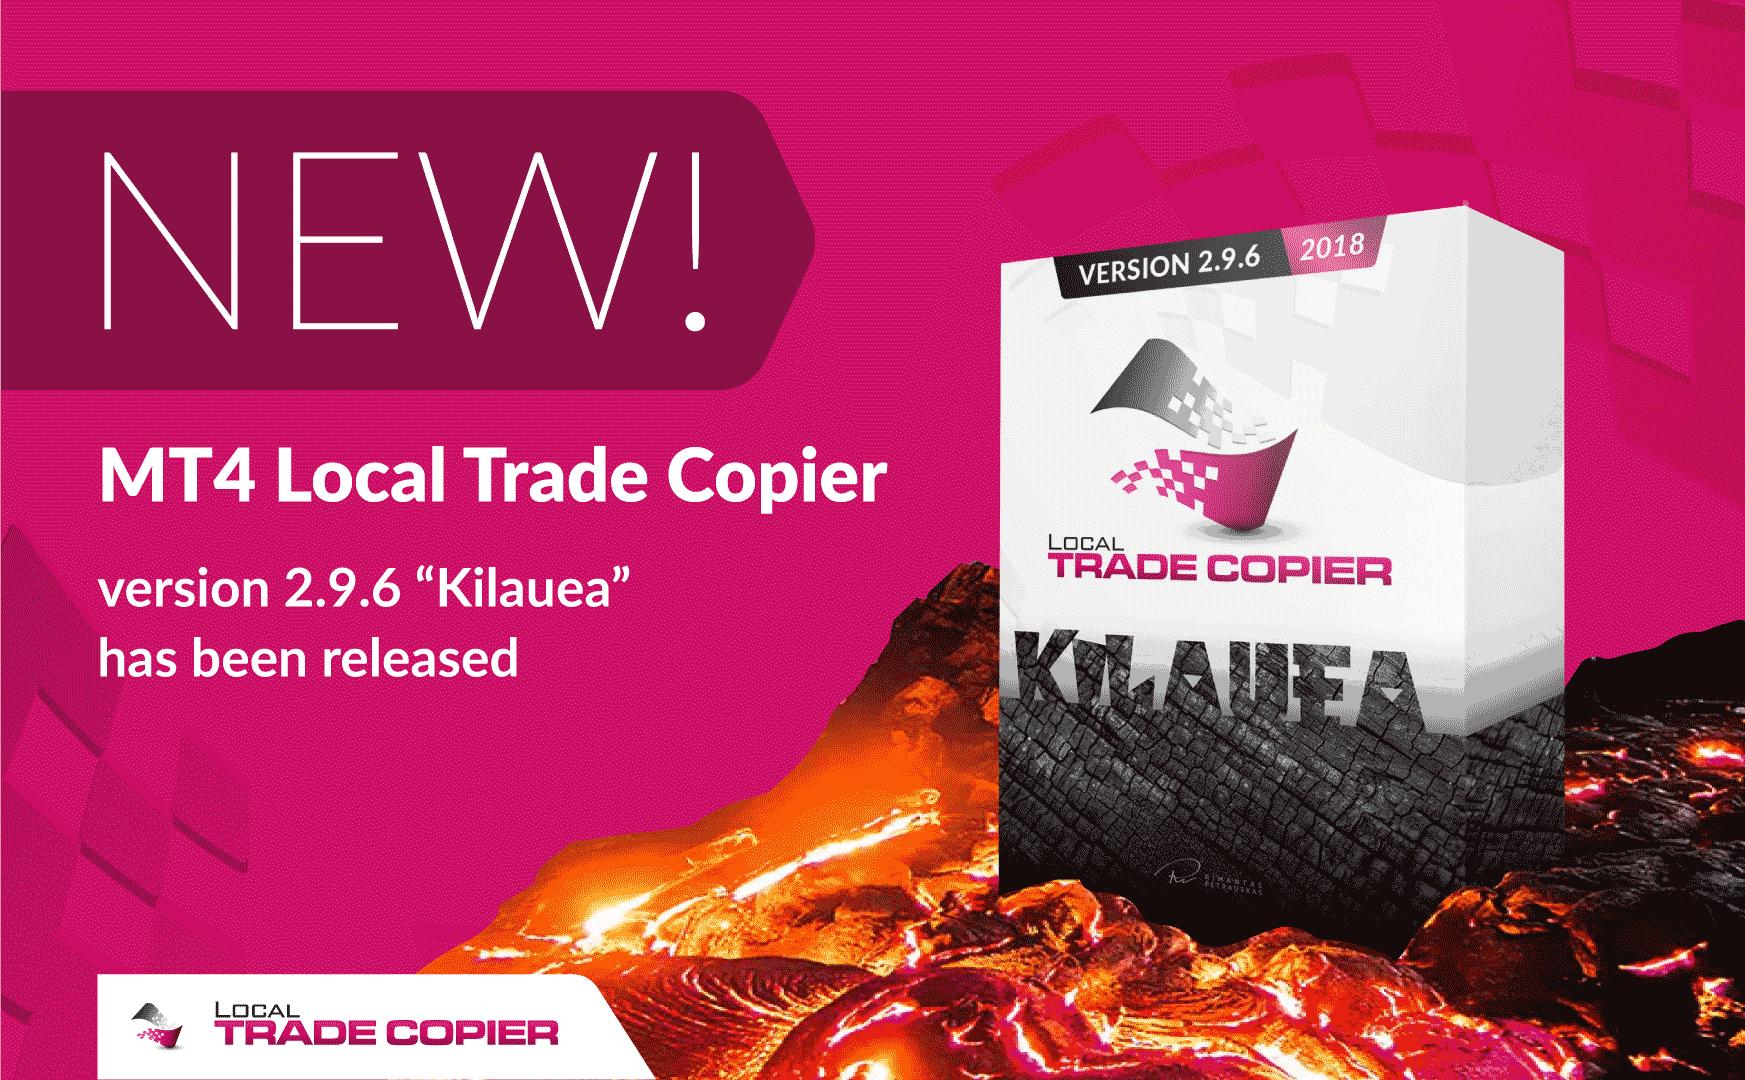 Local-Trade-Copier-Tutorials-ltc-296-released-1745x1080